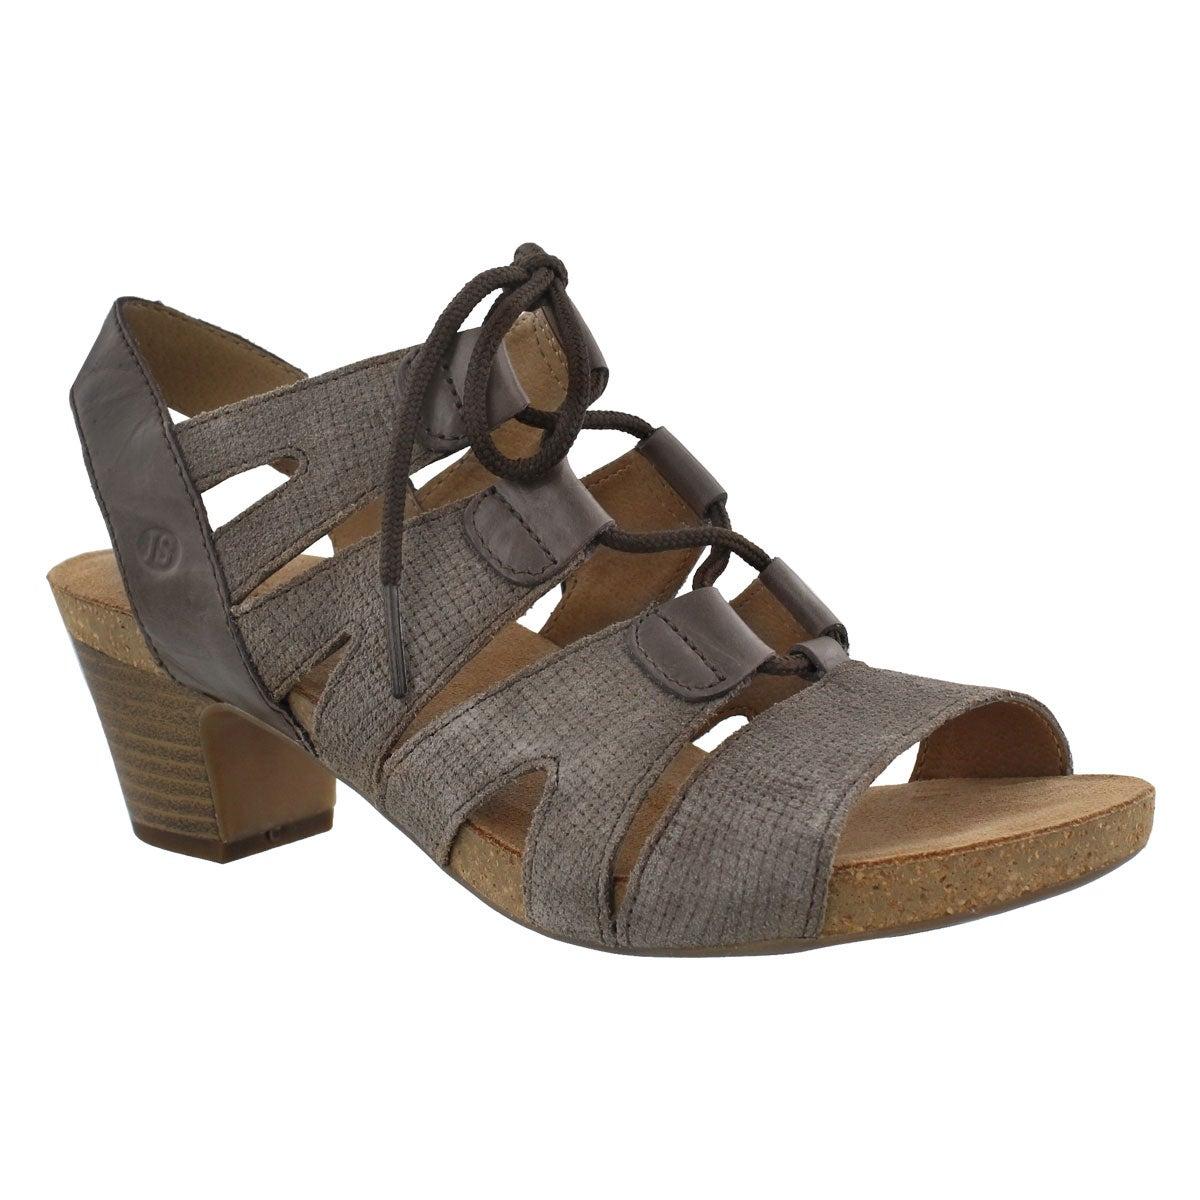 Women's RUTH 29 asphalt dress sandals